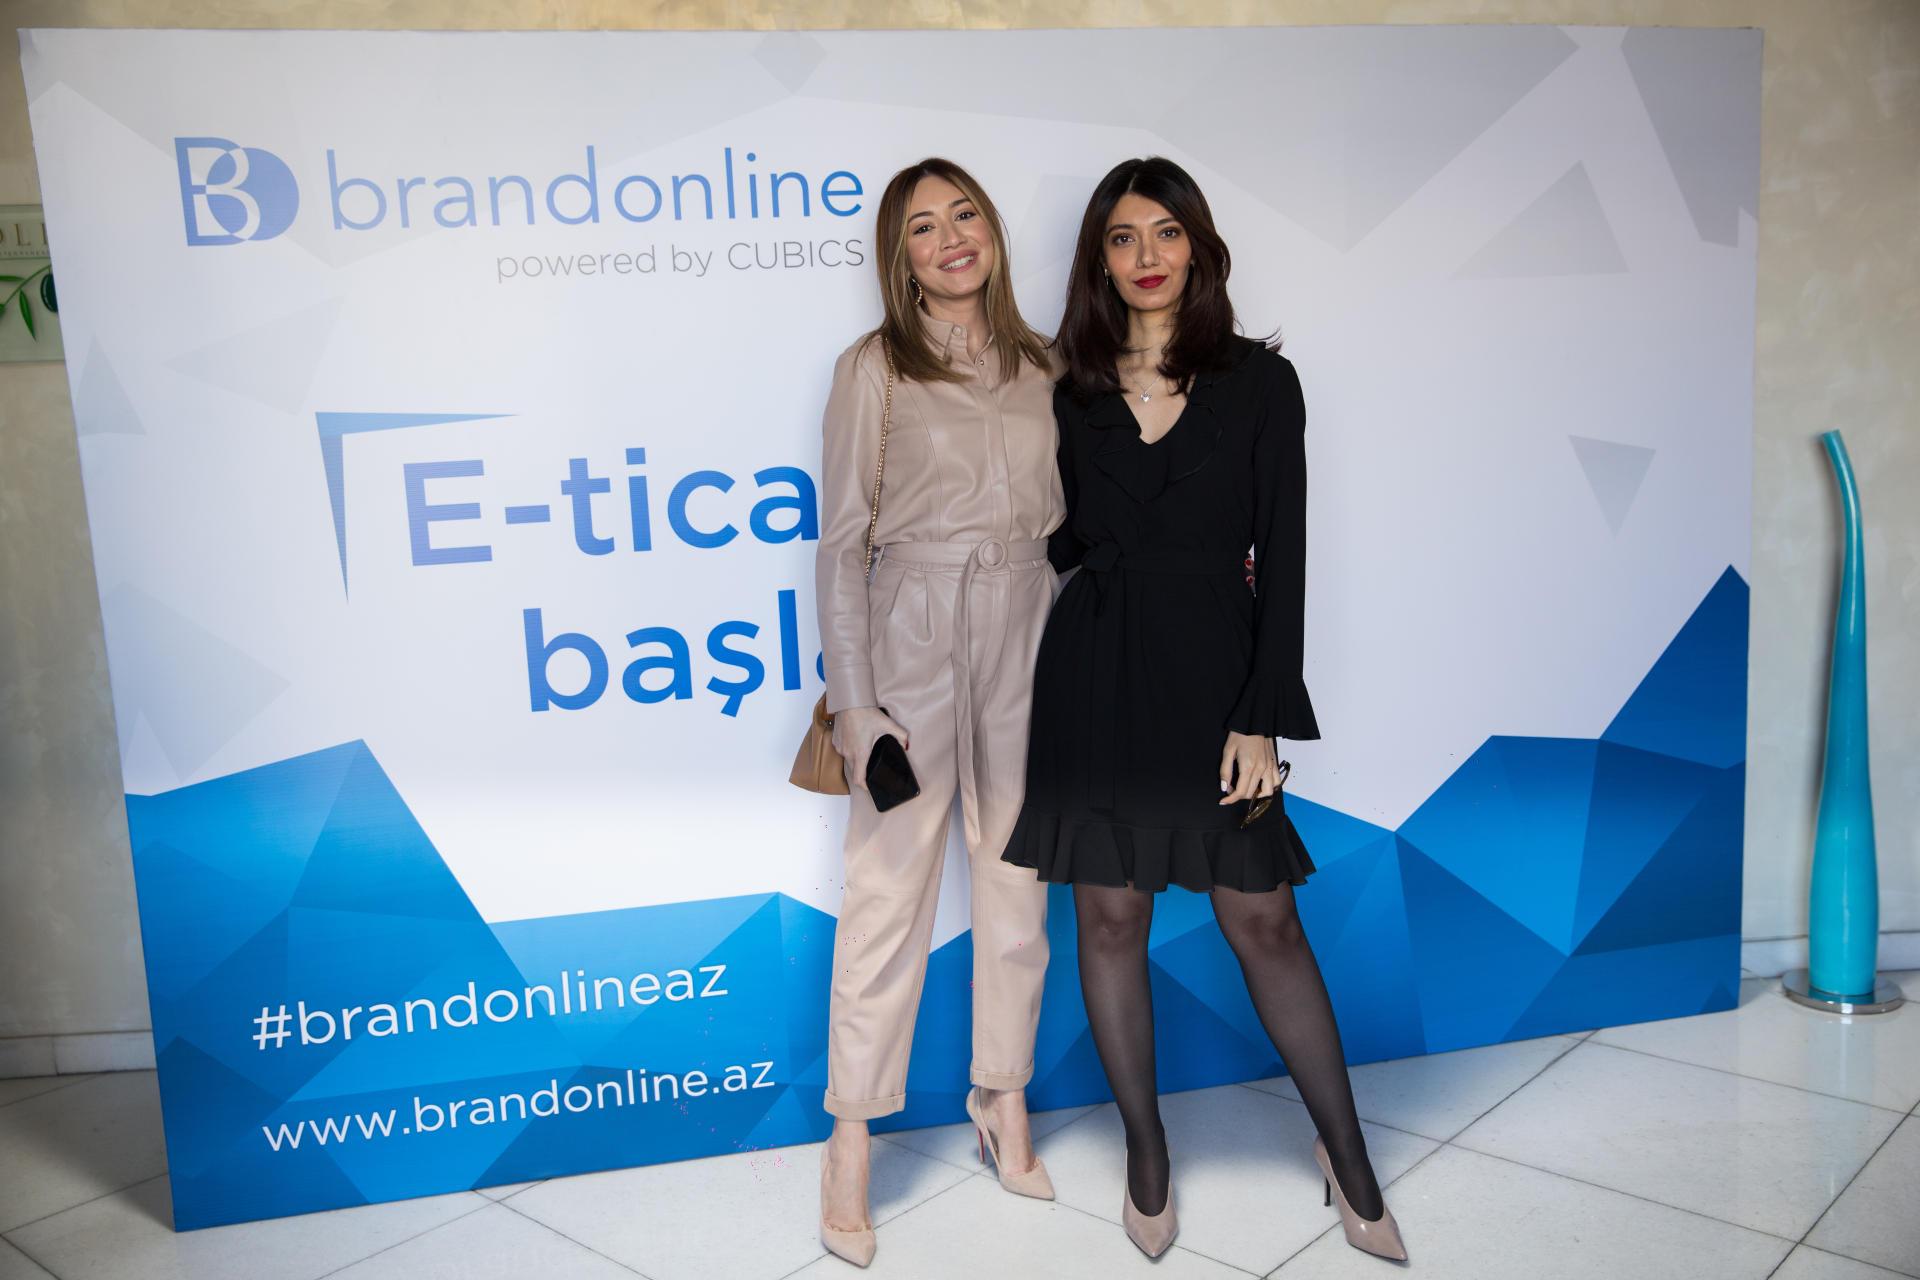 Впервые в Азербайджане – создание online-магазина и приложений в IOS/Android всего за 21 день – ФОТО-ВИДЕО - Gallery Image